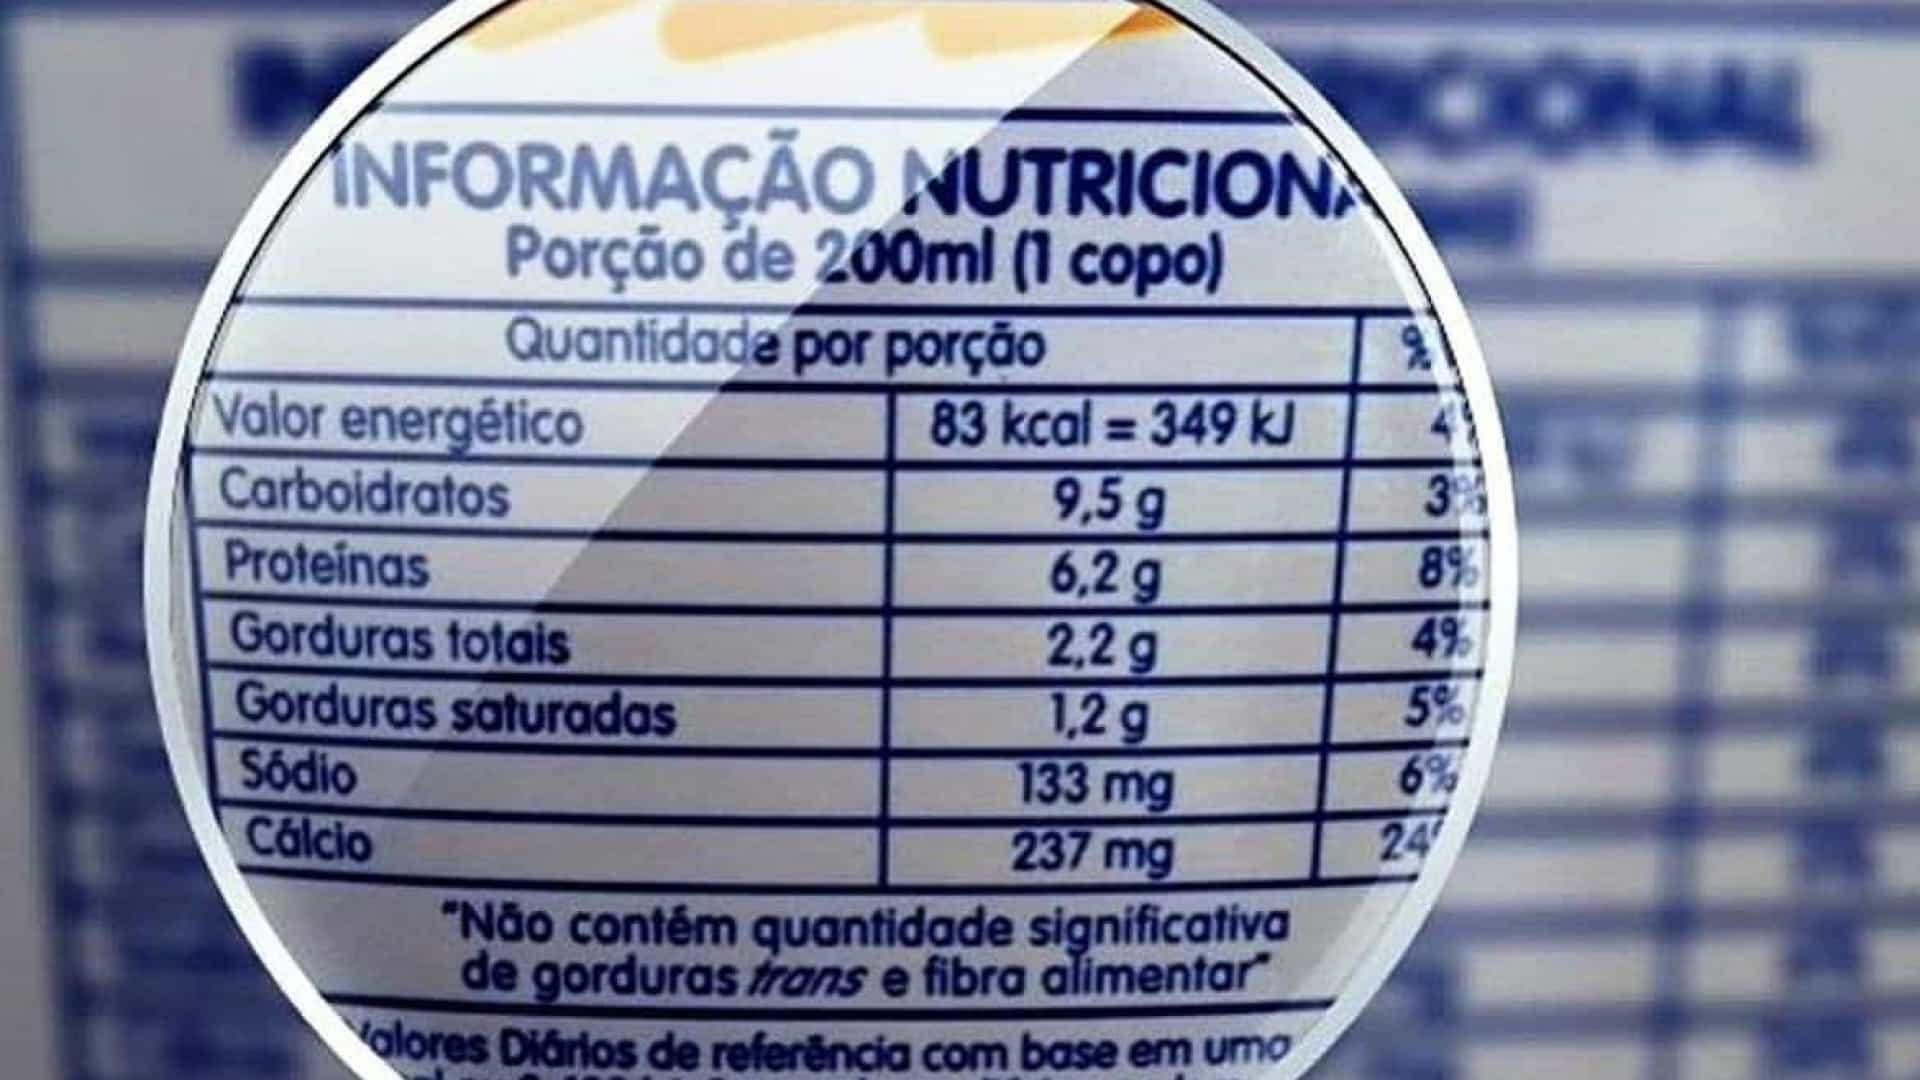 naom 5f7f11de2c4ea - Anvisa aprova norma para rotulagem nutricional